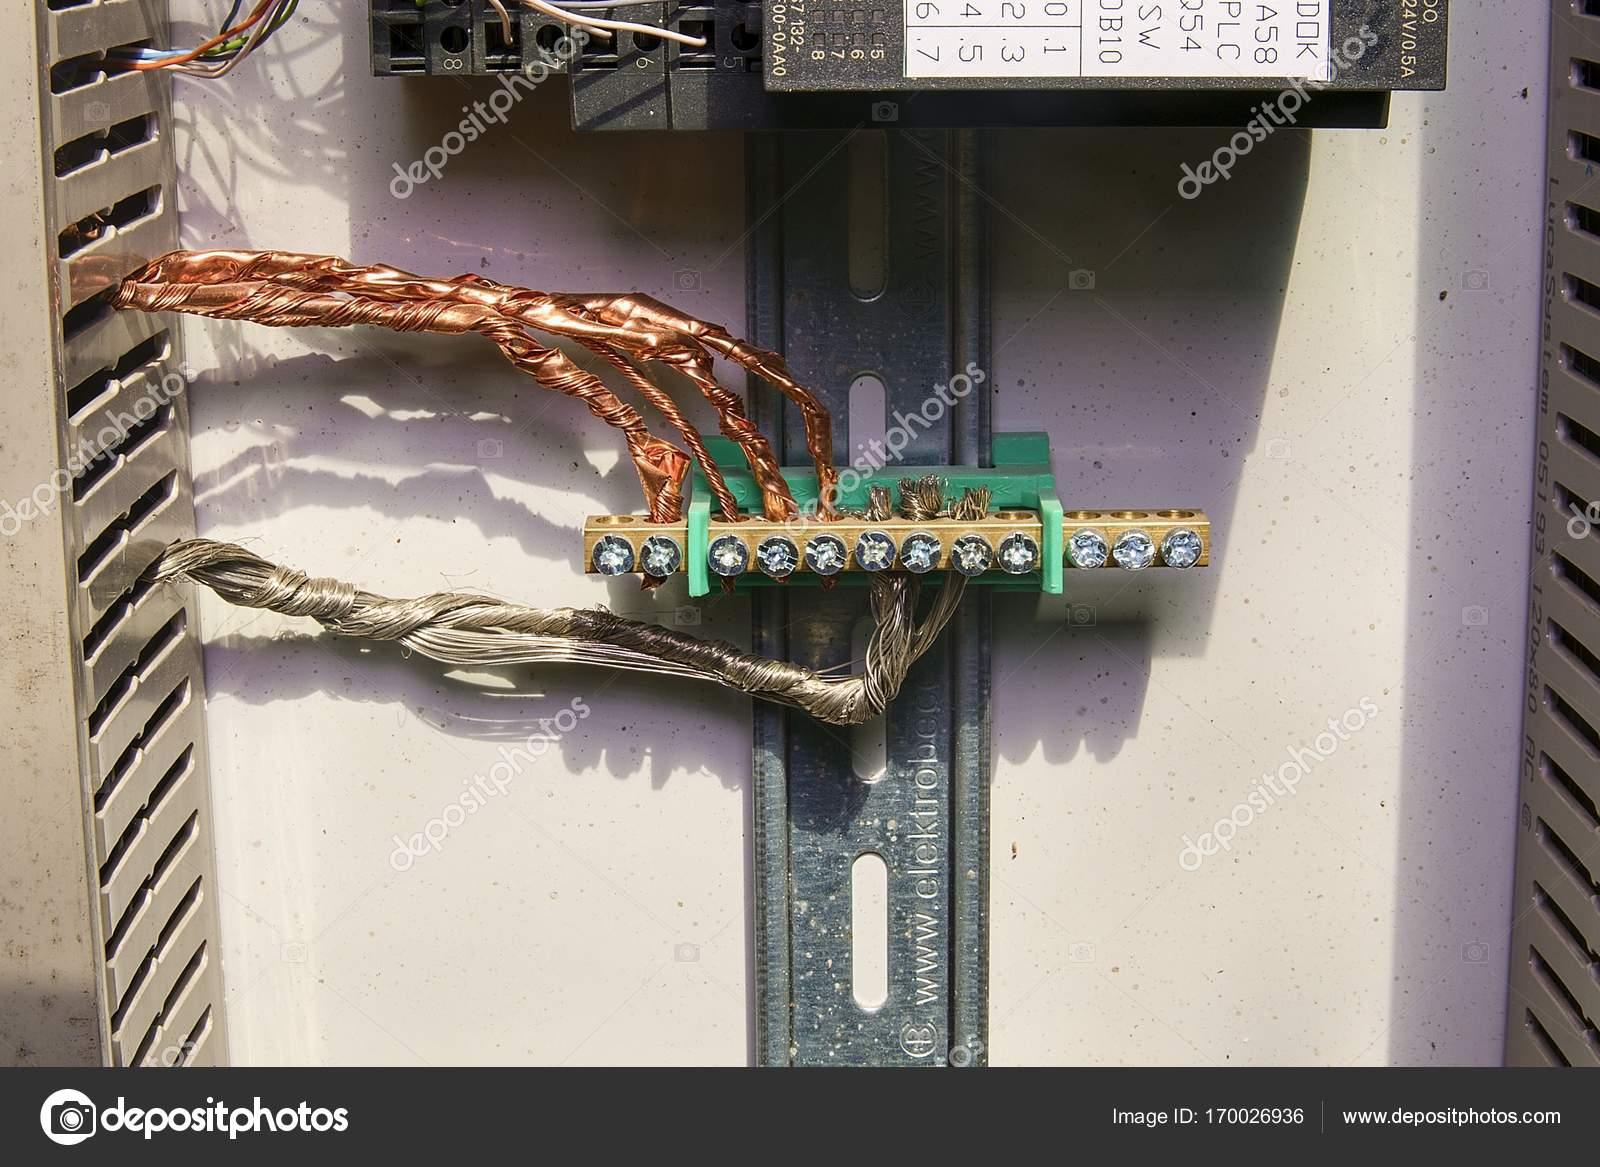 NEC MultiSync E506 bezdrátově k PC.